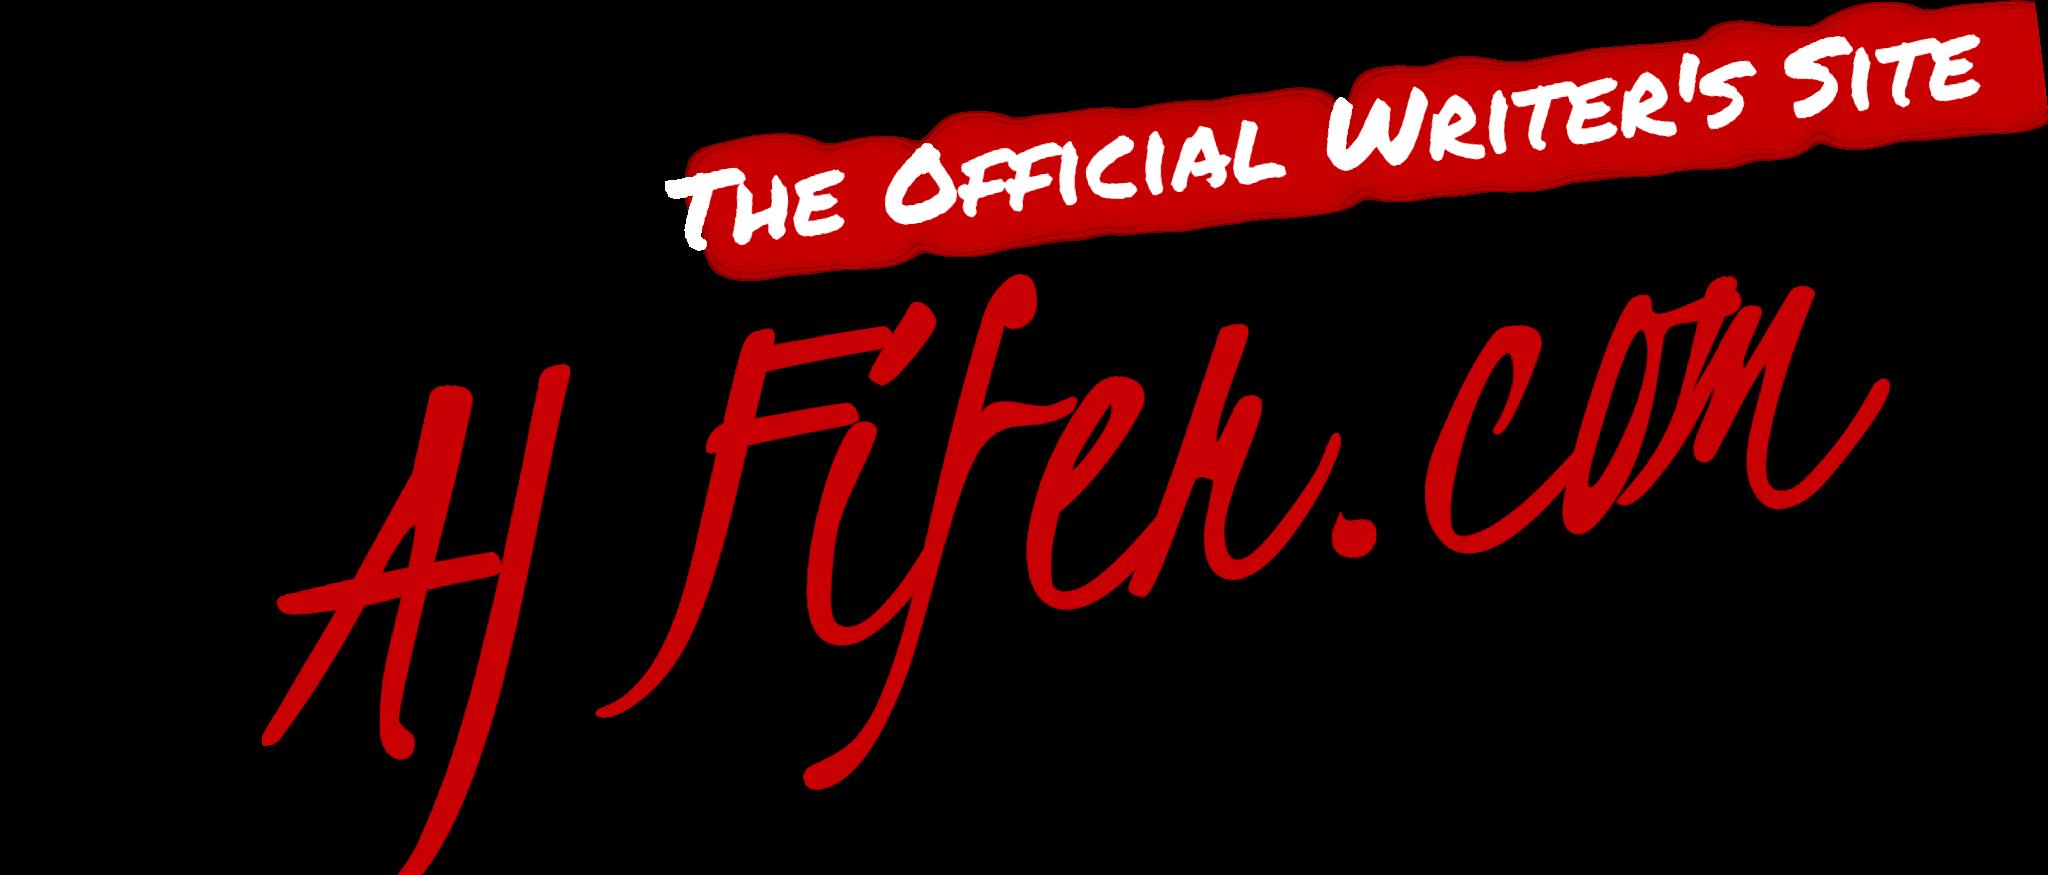 AJ Fifer.com